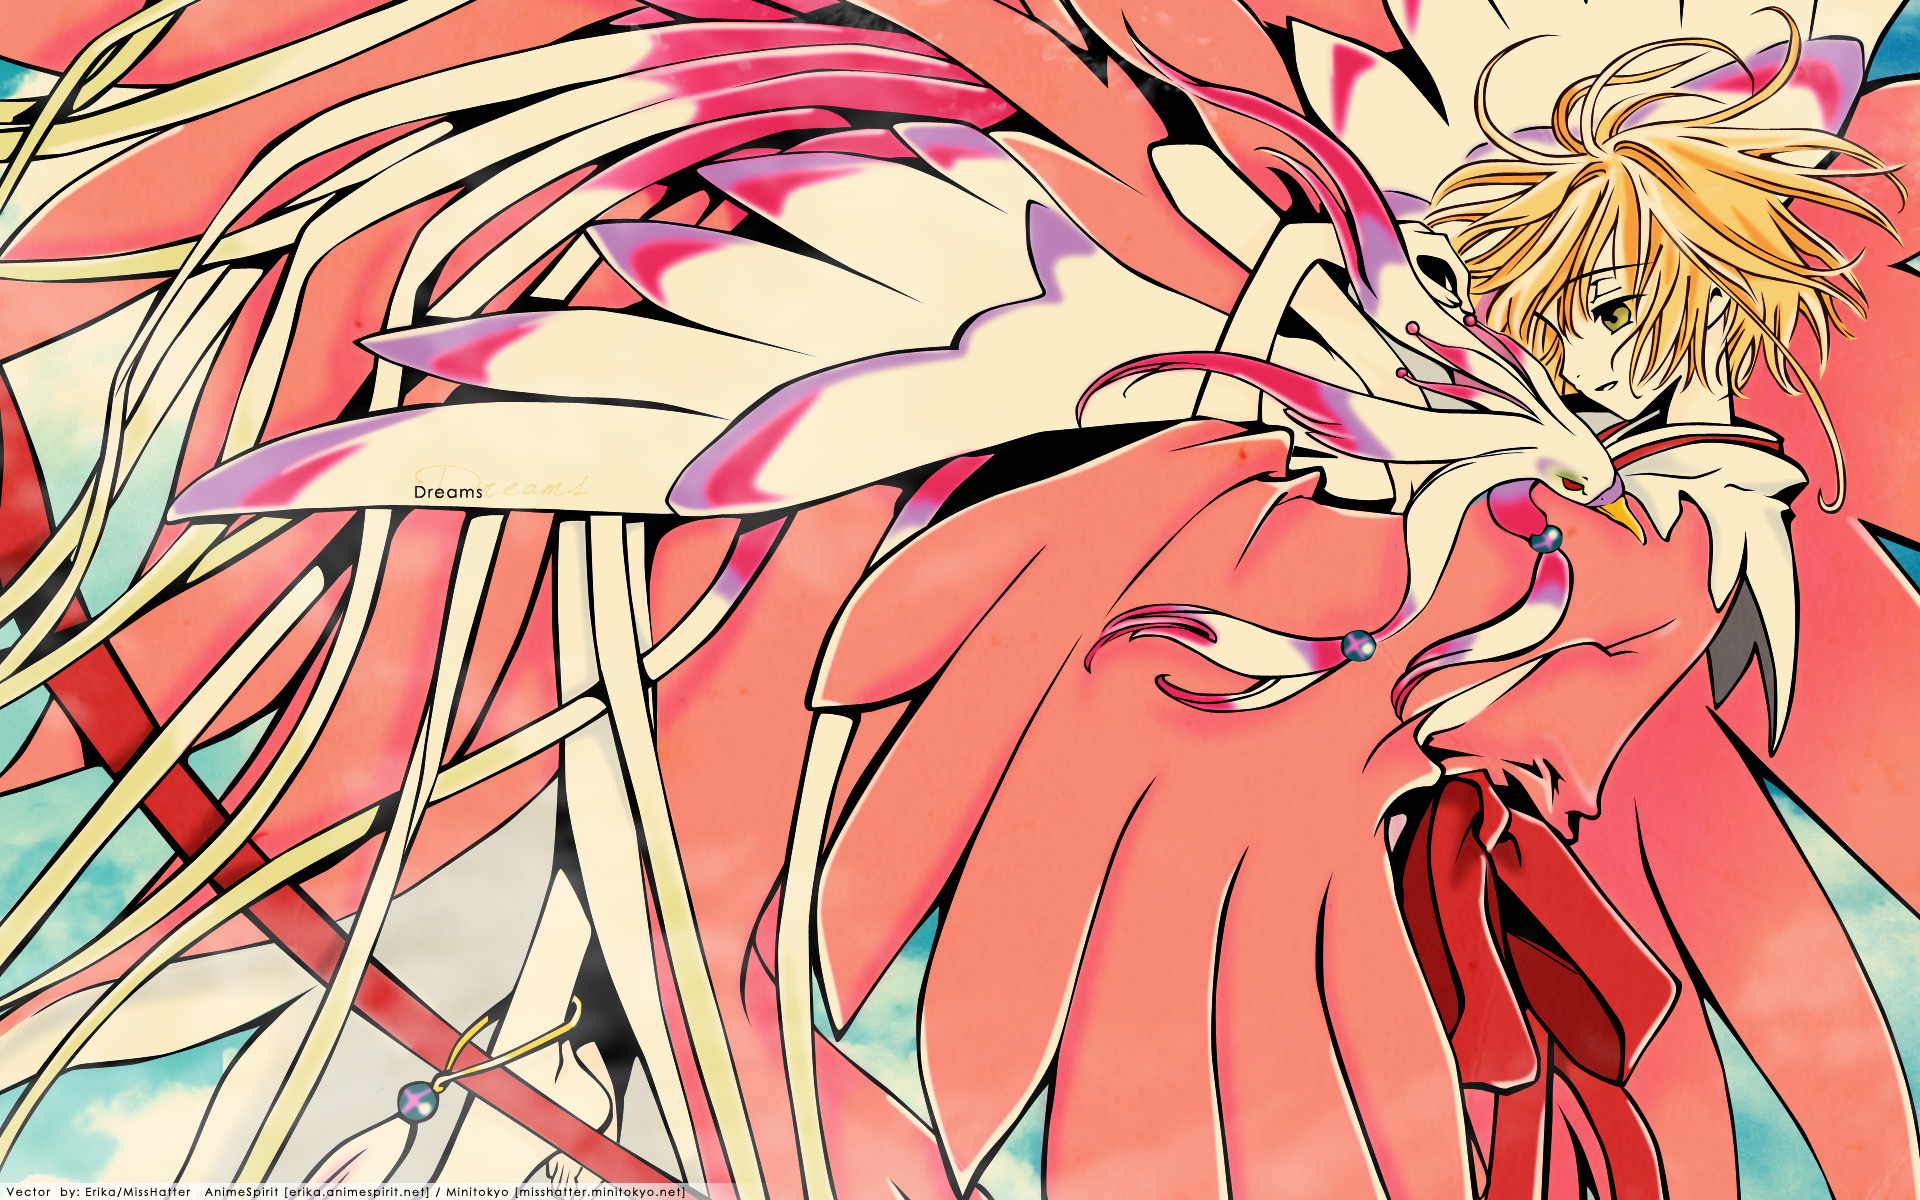 Tsubasa RESERVoir CHRoNiCLE - Tsubasa: Reservoir Chronicles Photo (29593116) - Fanpop